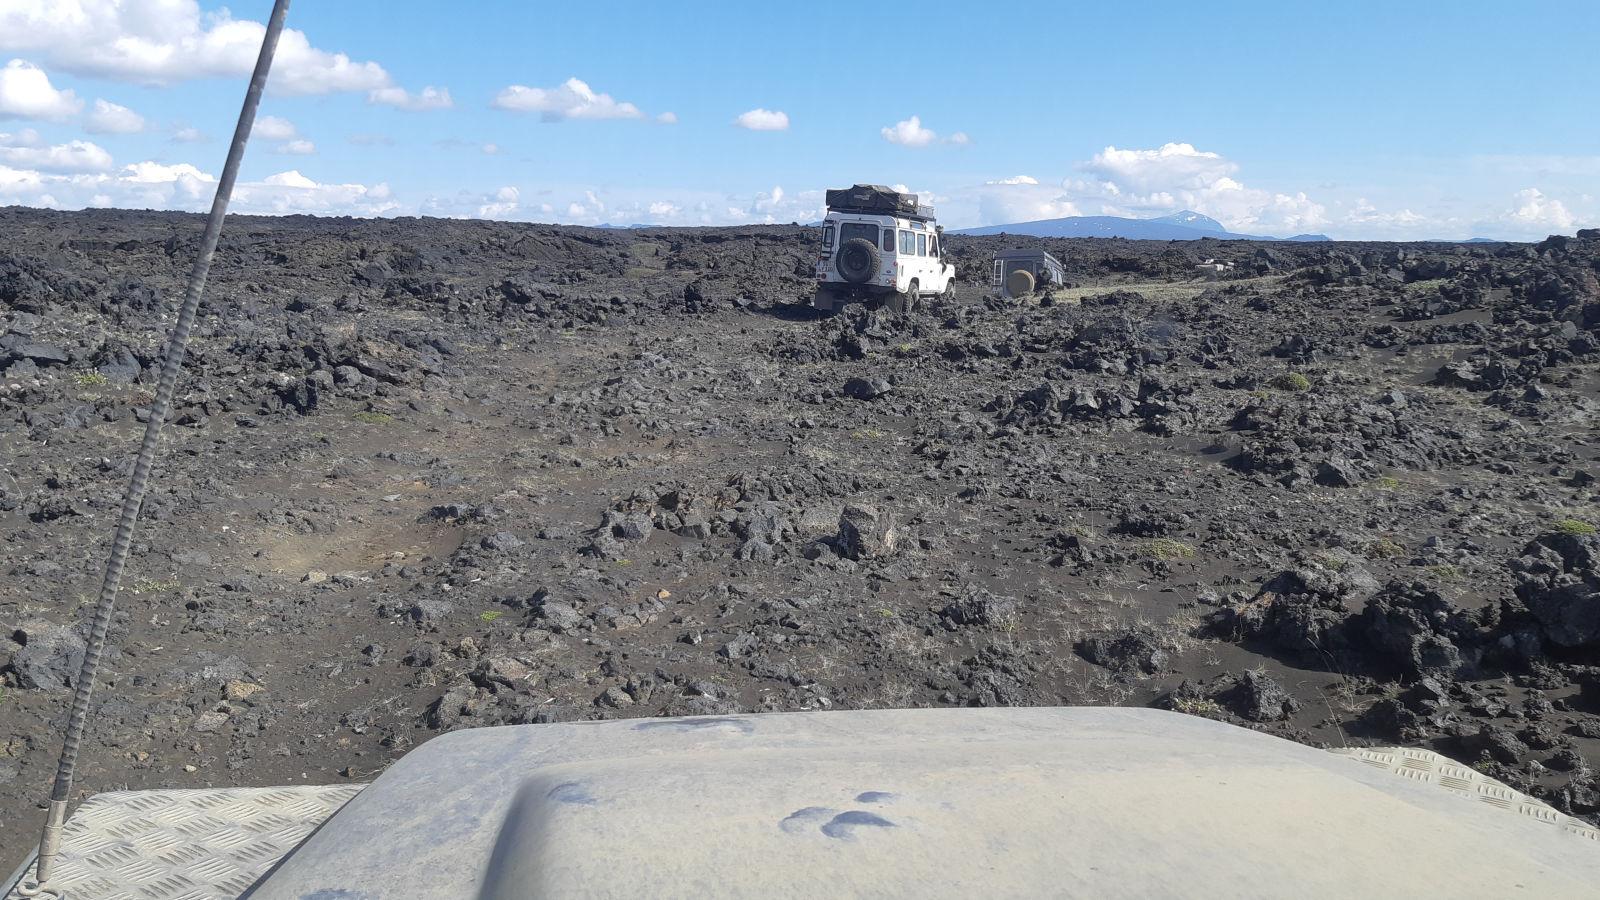 Pisten durch Lavafelder.